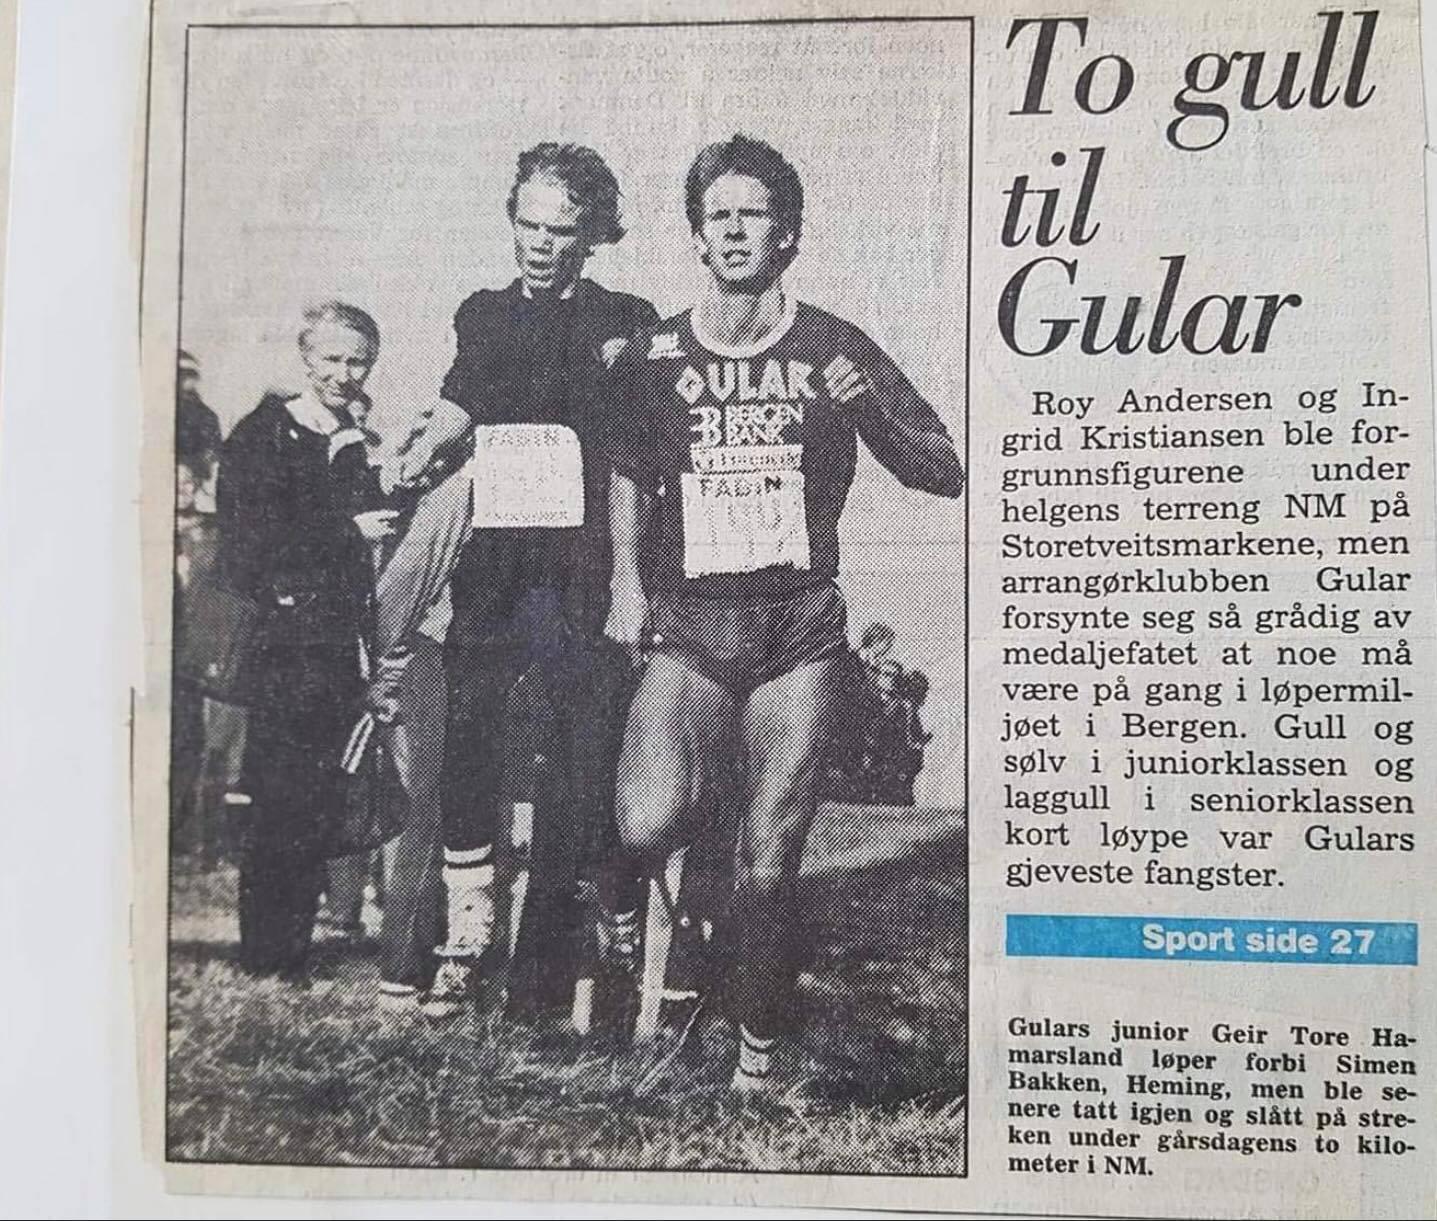 Bergens_Tidende_1986.jpg